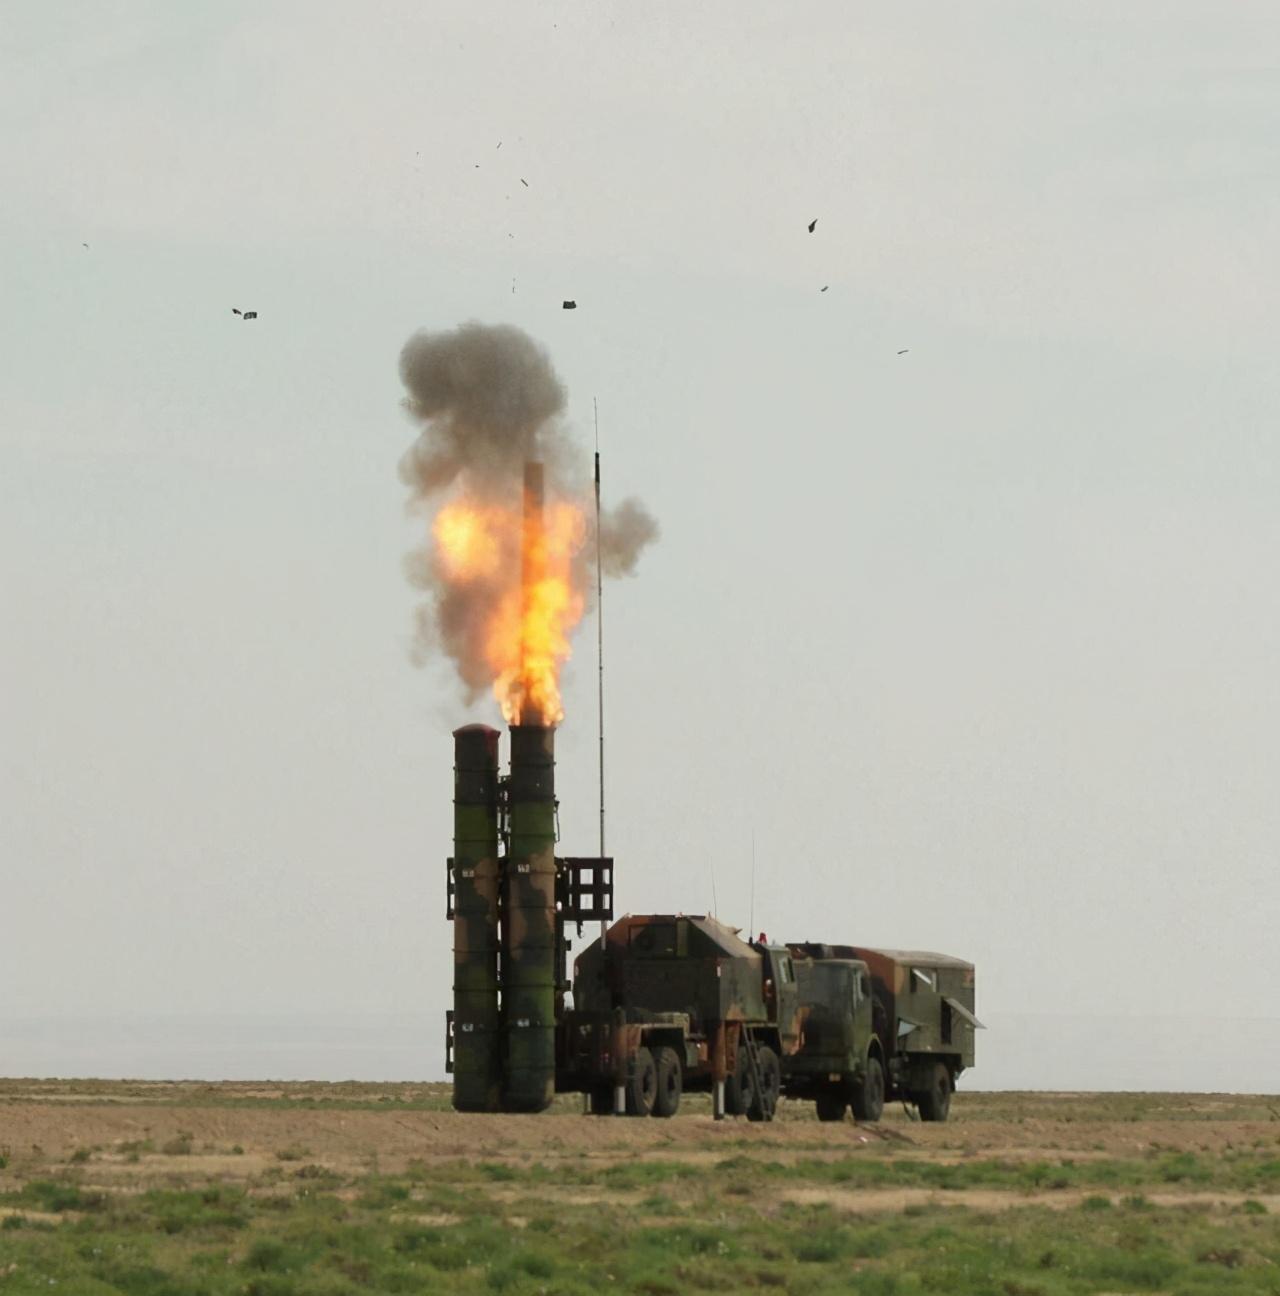 红旗9和S400防空导弹出口或无望,伊拉克直言遭到美国迫害了